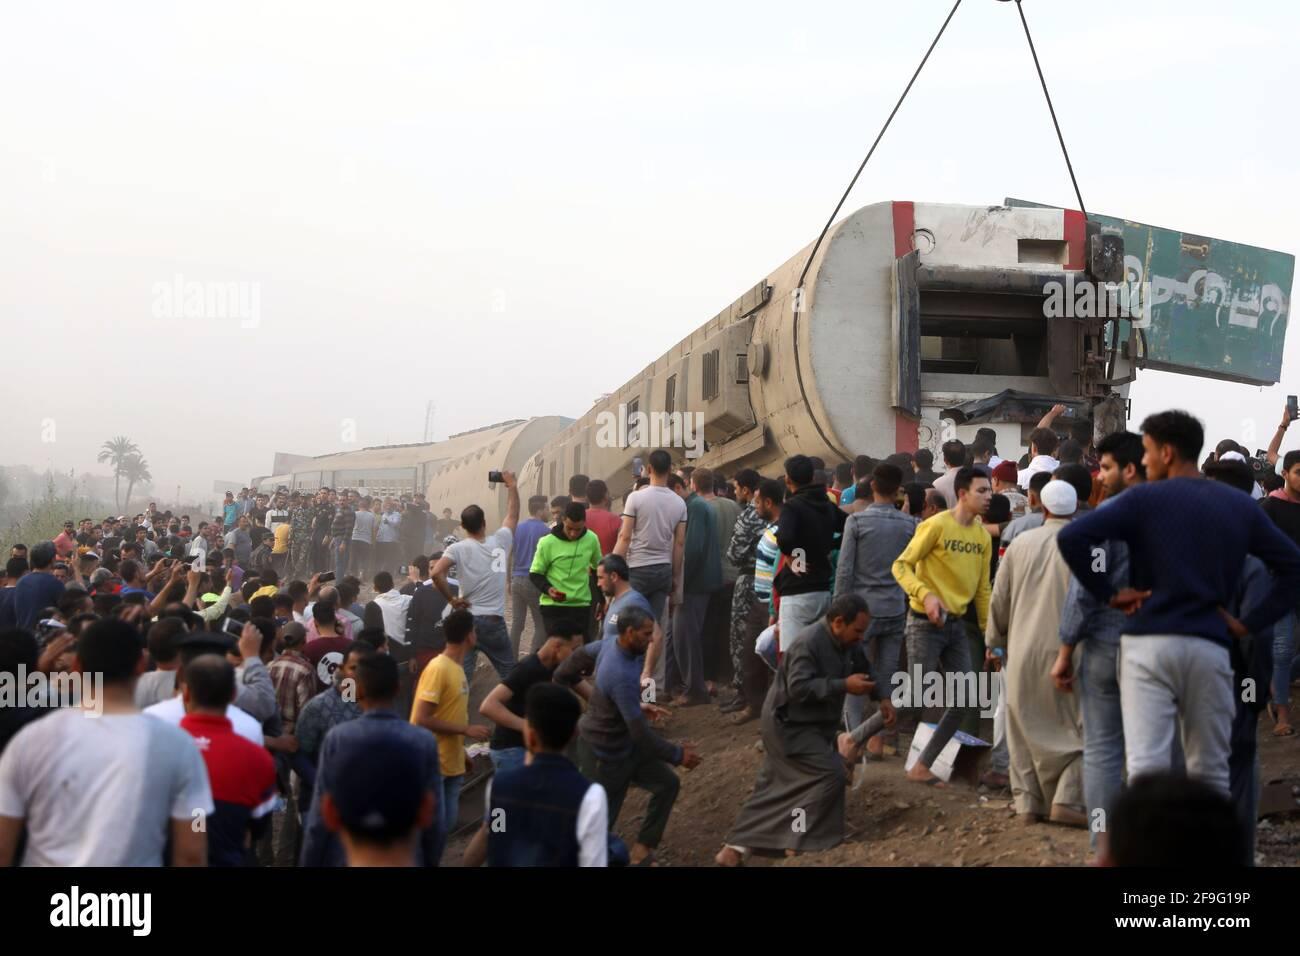 Toukh, Égypte. 18 avril 2021. Les sauveteurs travaillent sur le site d'un déraillement de train dans la ville de Toukh, en Égypte, à Delta, le 18 avril 2021. Au moins 97 personnes ont été blessées dimanche dans un déraillement de train dans la ville de Toukh, dans le delta, au nord de la capitale égyptienne, le Caire, a déclaré le ministère égyptien de la Santé. Credit: Ahmed Gomaa/Xinhua/Alamy Live News Banque D'Images